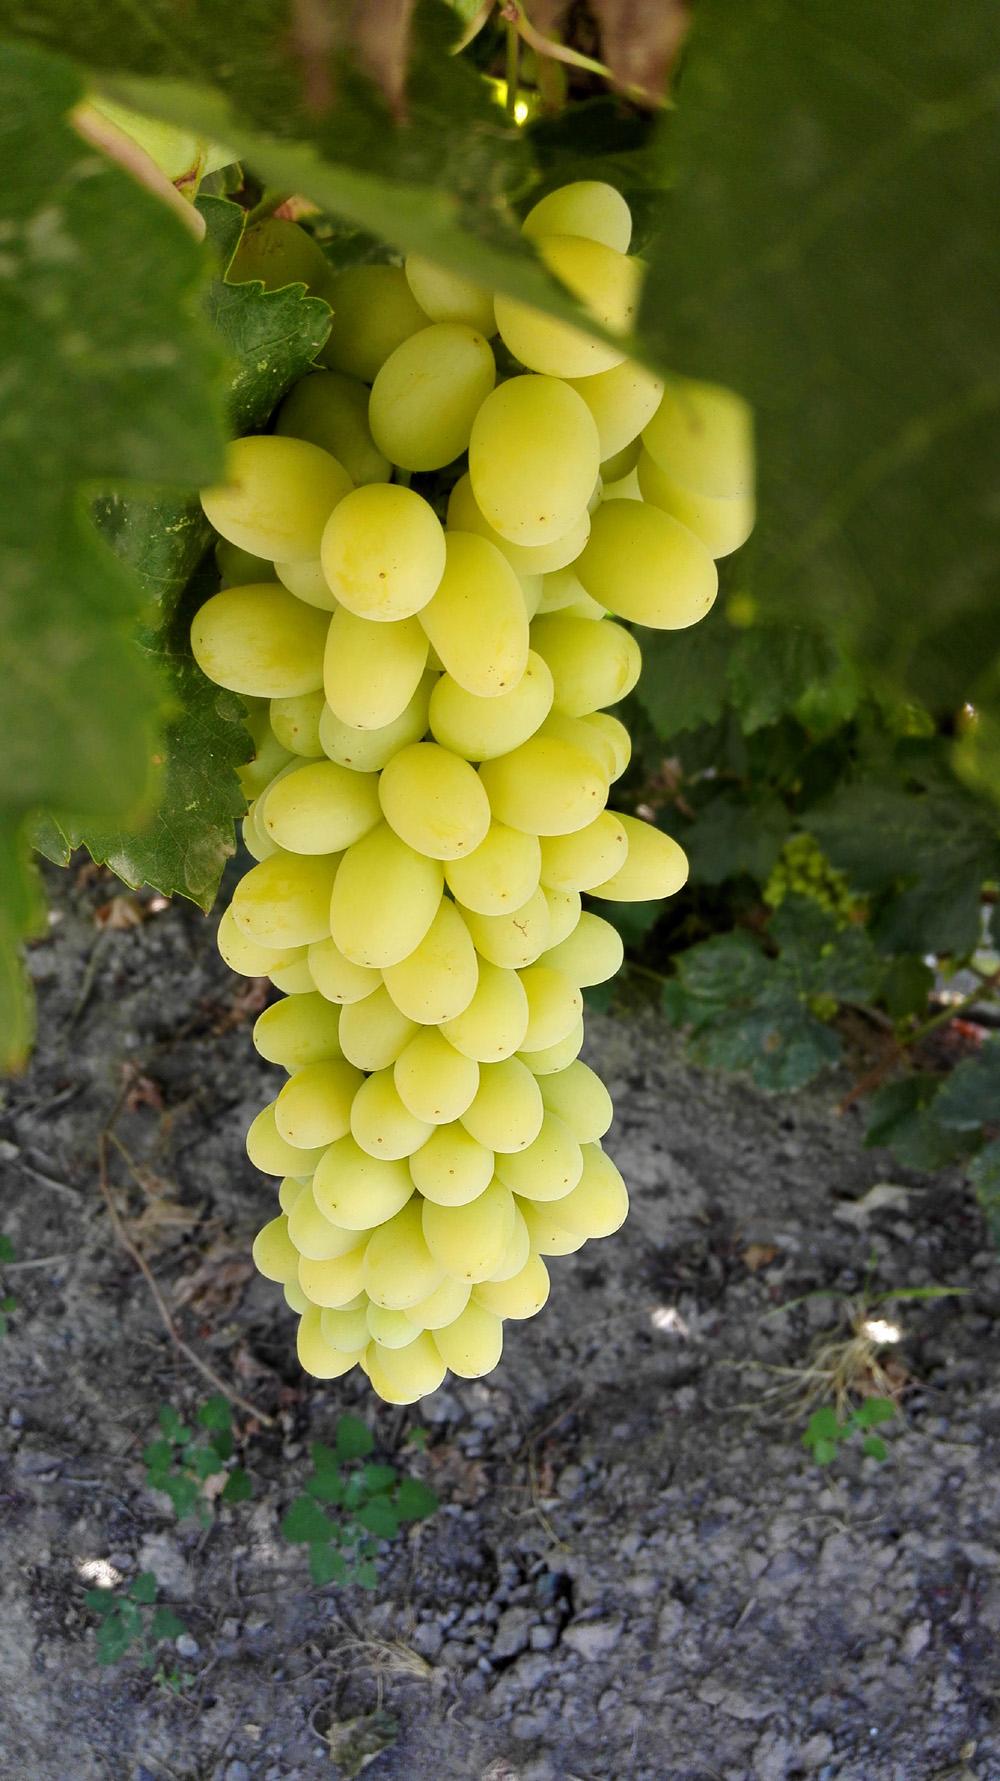 新疆吐鲁番无籽葡萄 无核白葡萄绿葡萄